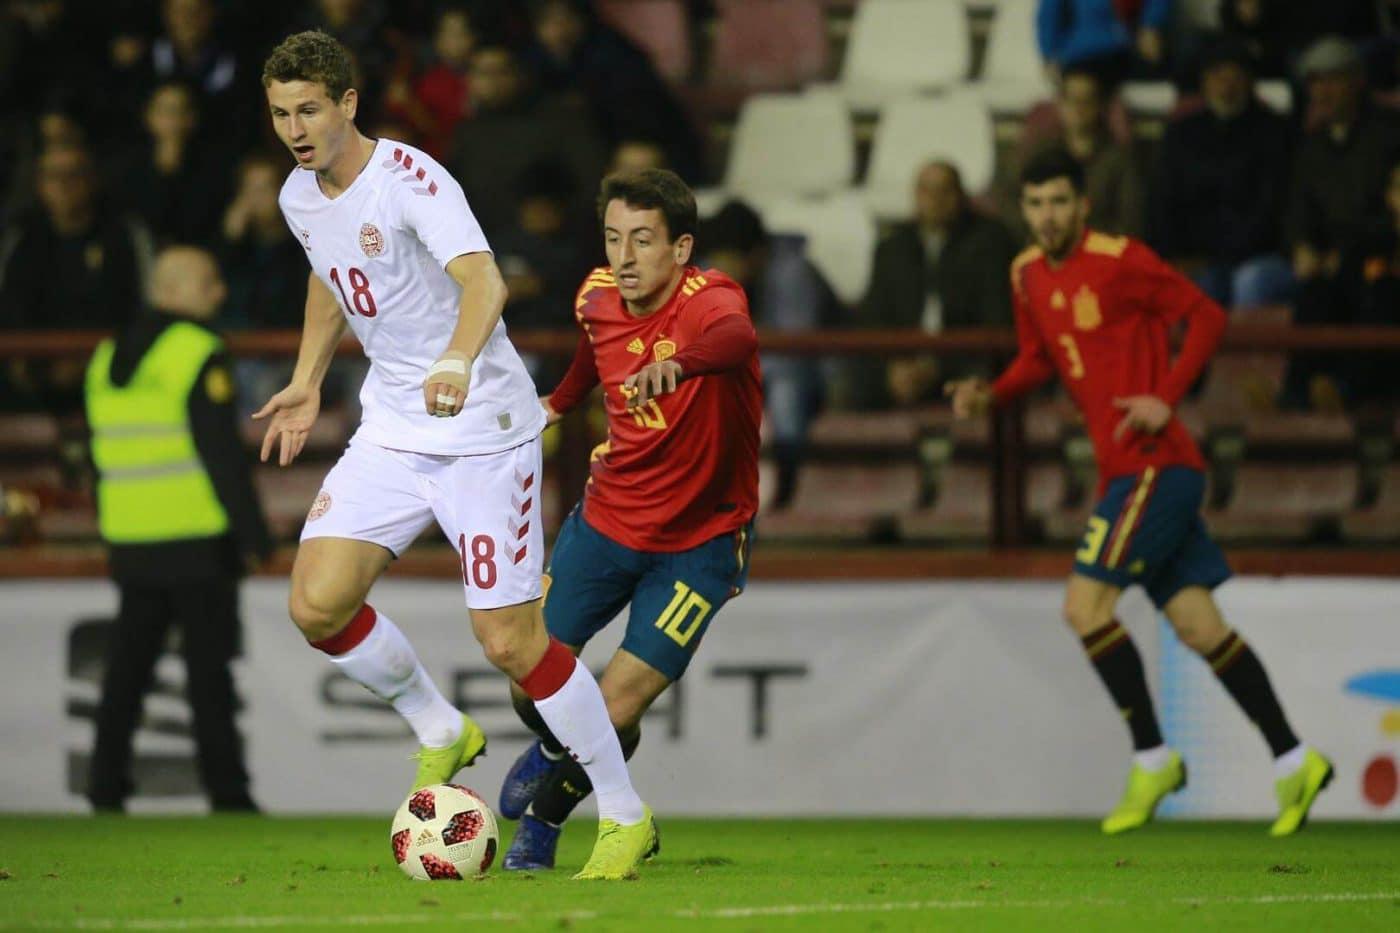 La Sub-21 de Luis de la Fuente remonta y golea en Las Gaunas 27